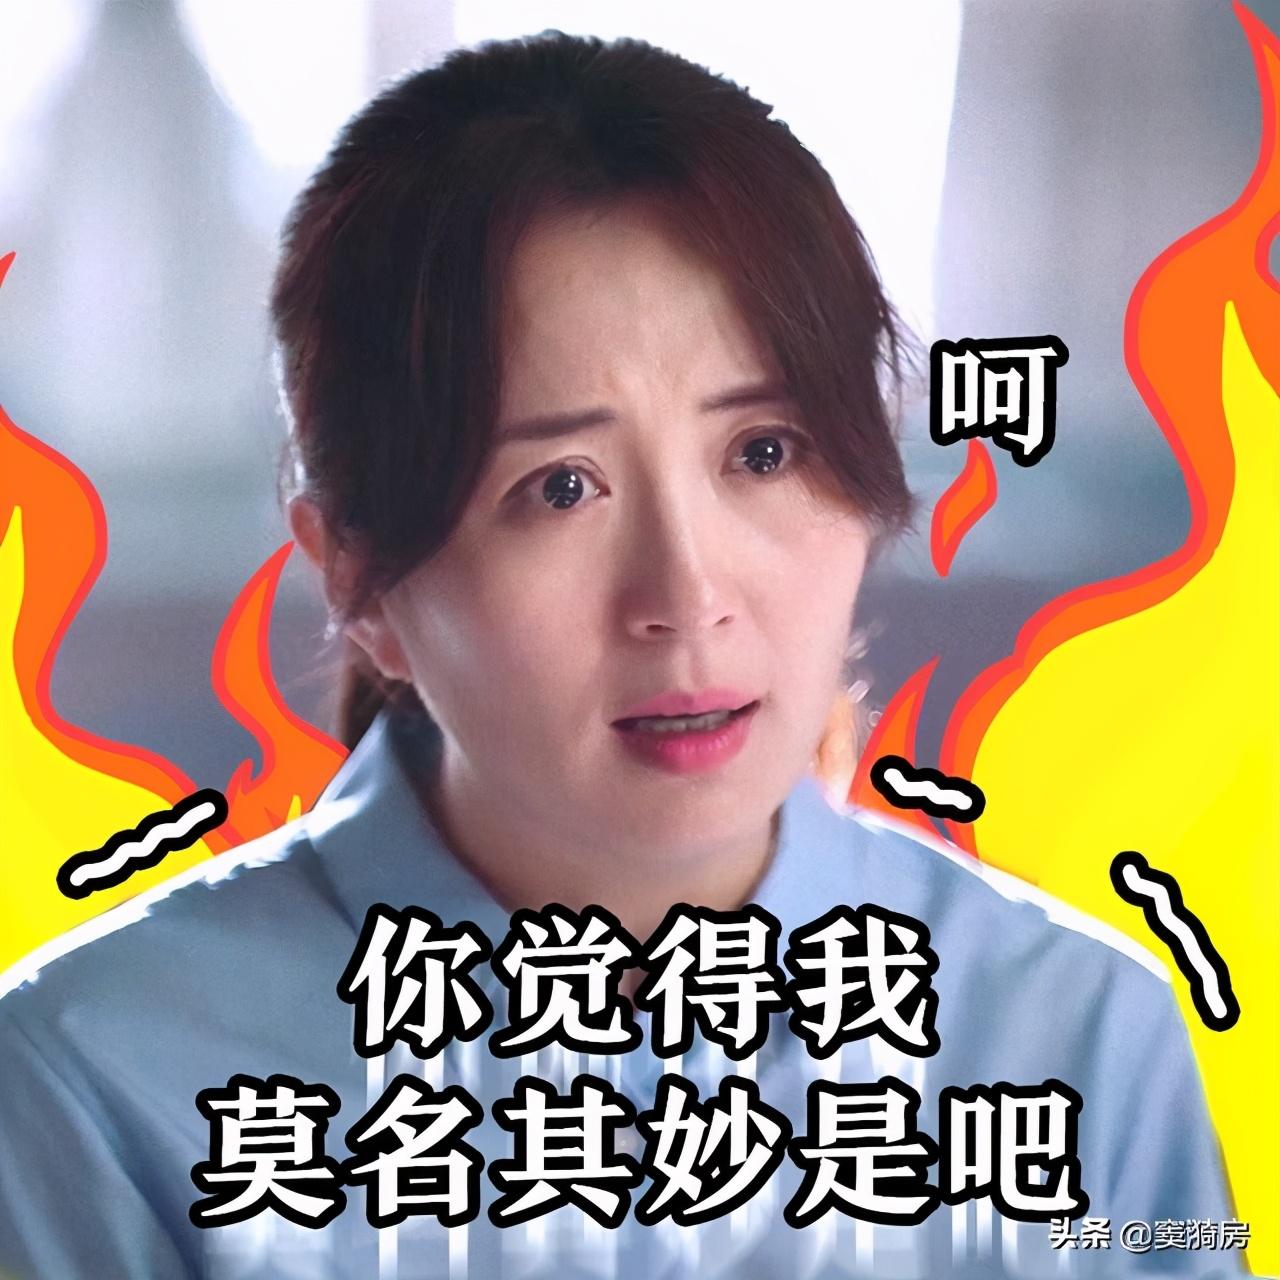 黑色灯塔:恶魔母亲刷新认知,比陈婷有过之无不及,气的人发抖